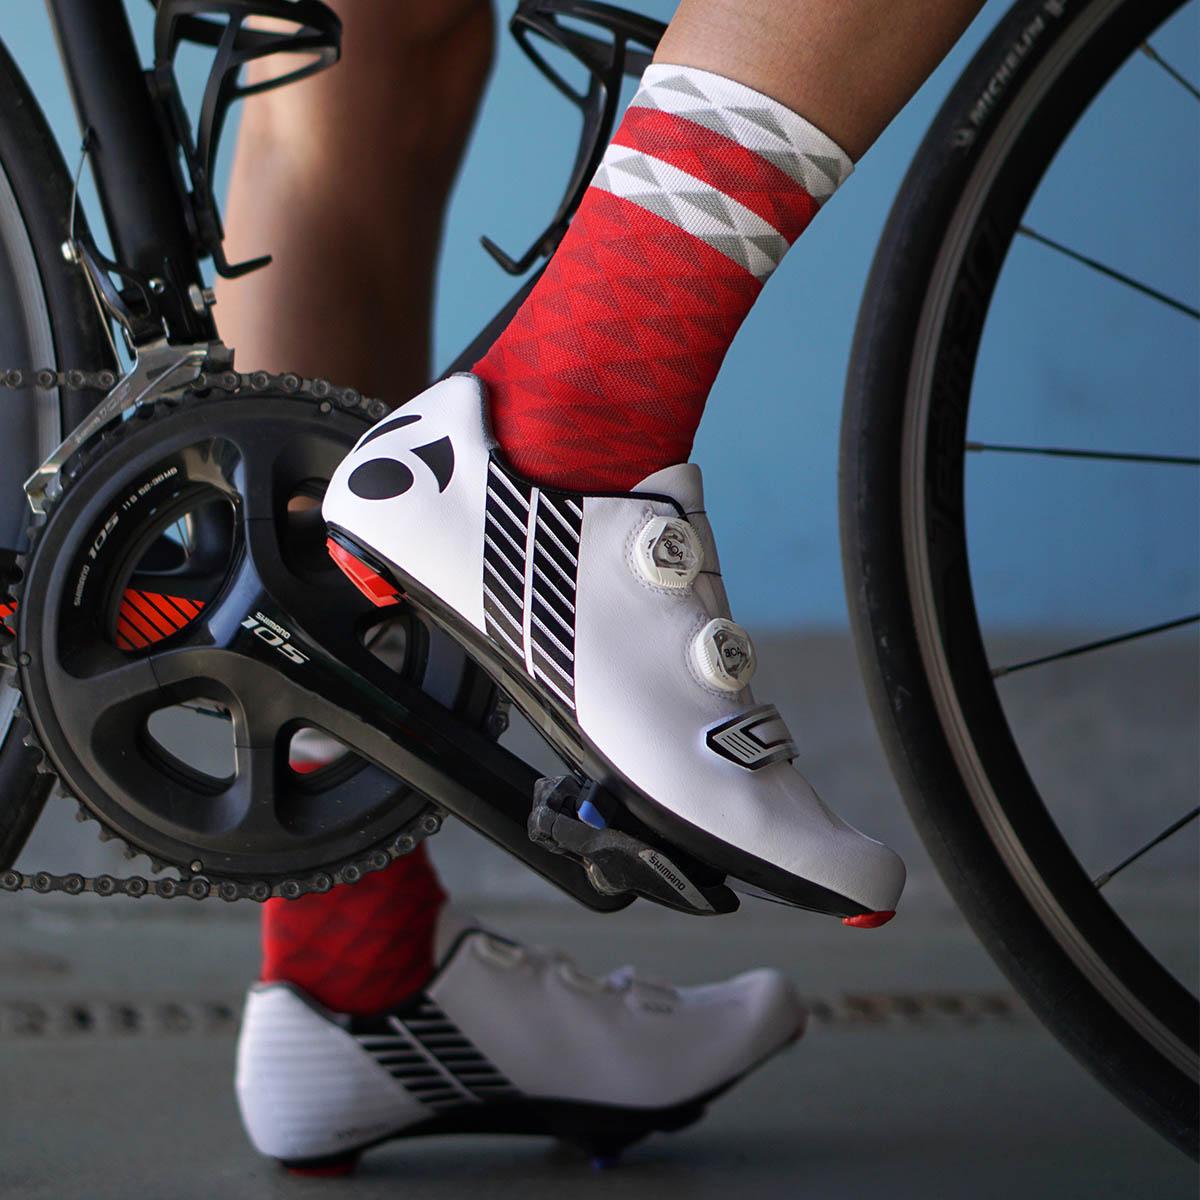 Noga kolarza i czerwone skarpety rowerowe Luxa Asymmetric Red. Rower szosowy Orbea i buty Bontrager